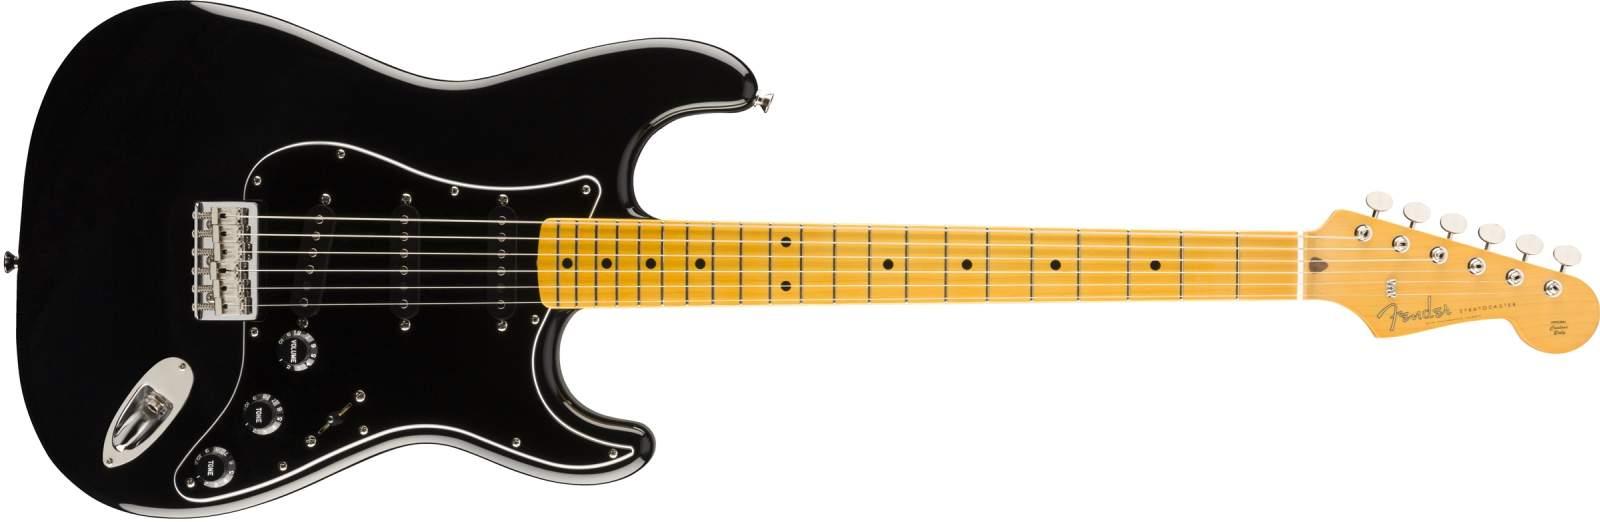 Fender LTD Hardtail Stratocaster MN BLK